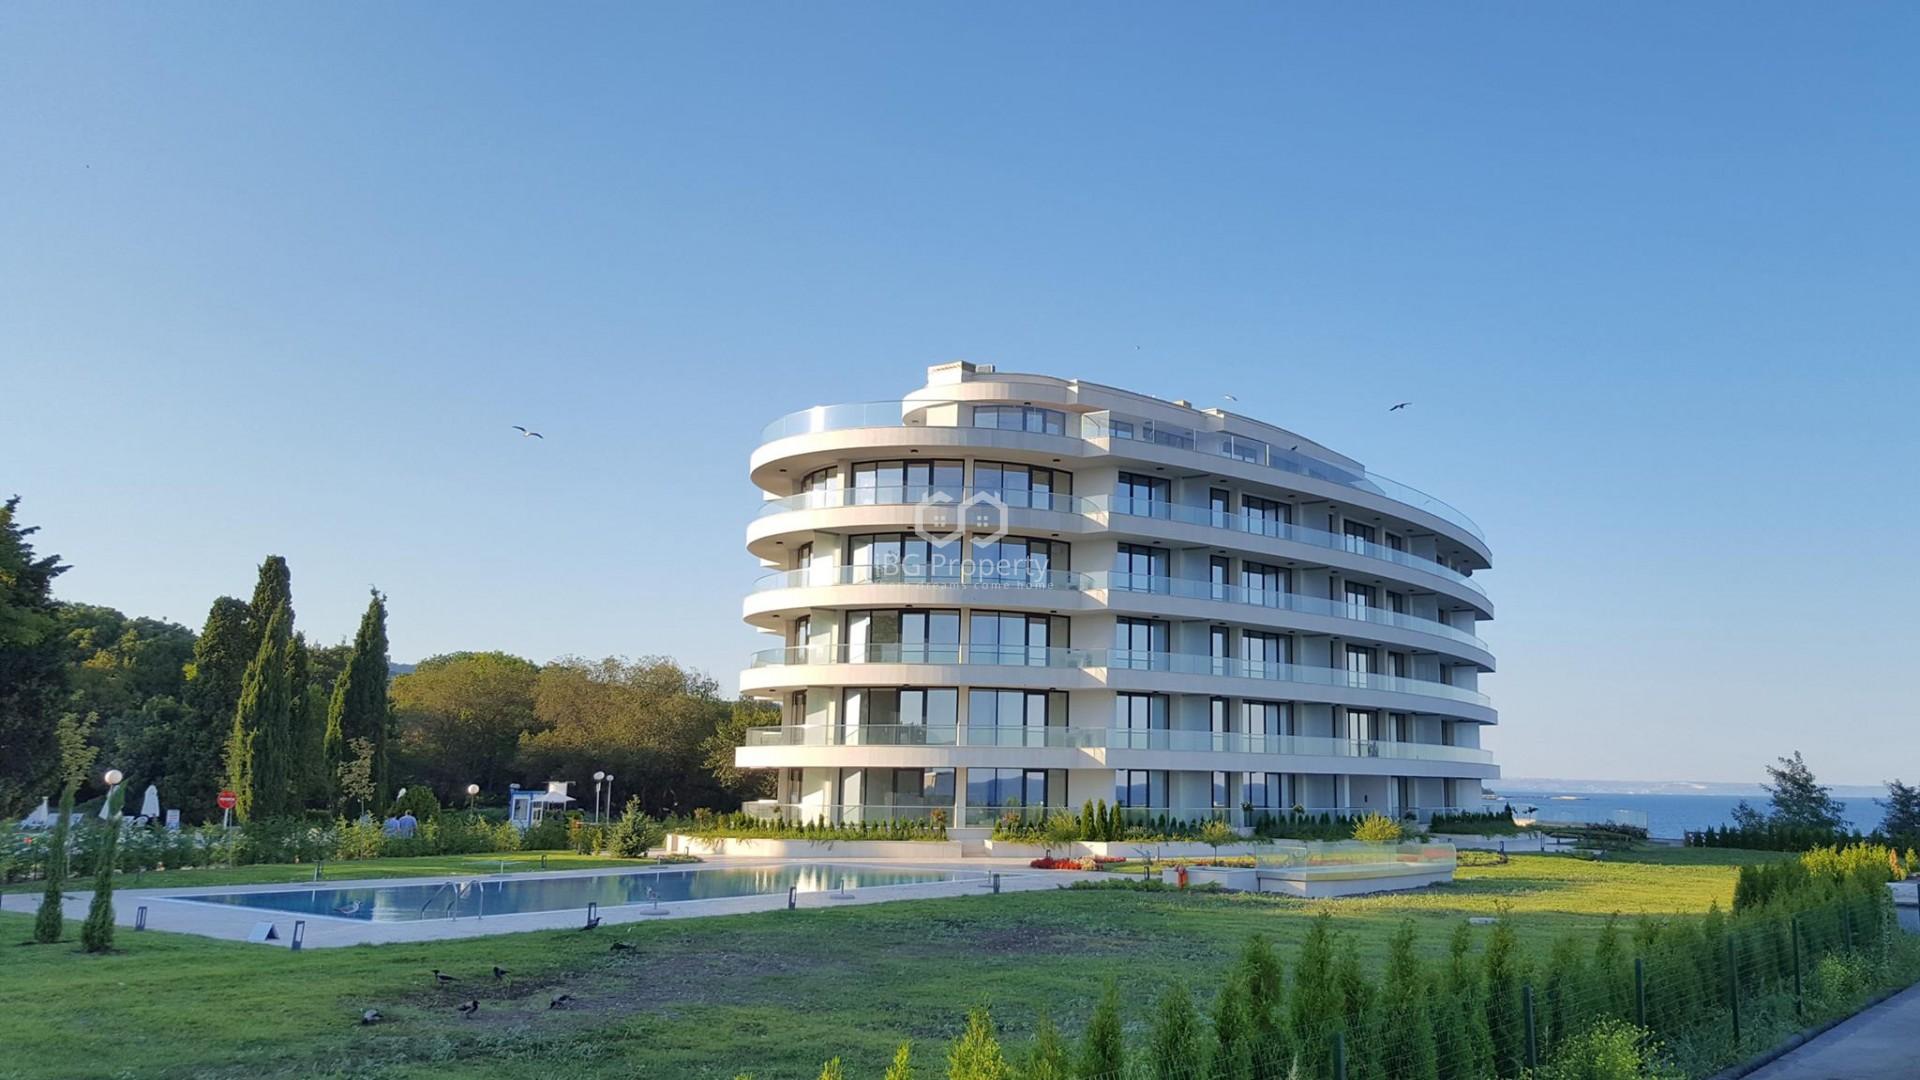 Двухкомнатная квартира Св. Св. Константин и Елена 83 m2